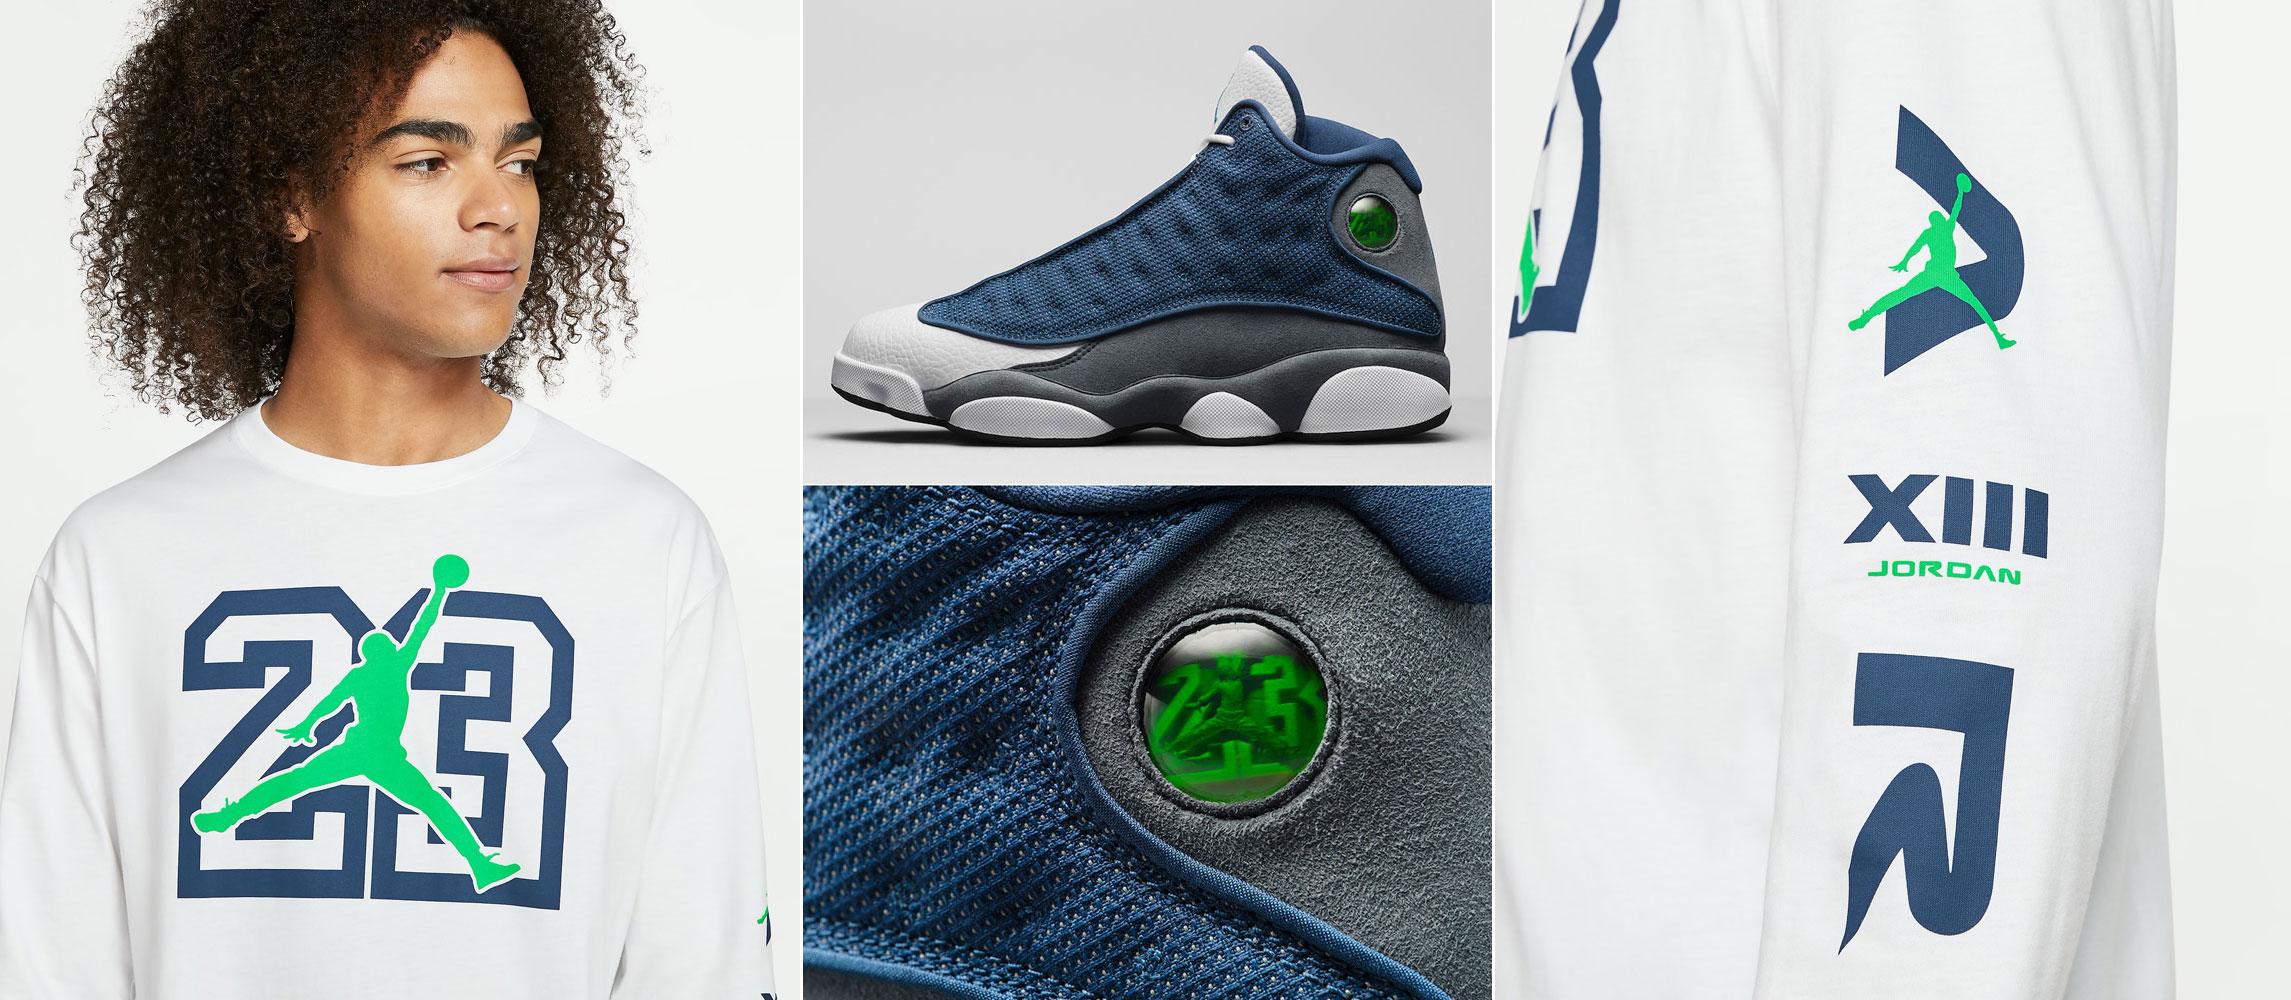 Air Jordan 13 Flint 2020 Long Sleeve Shirt Sneakerfits Com